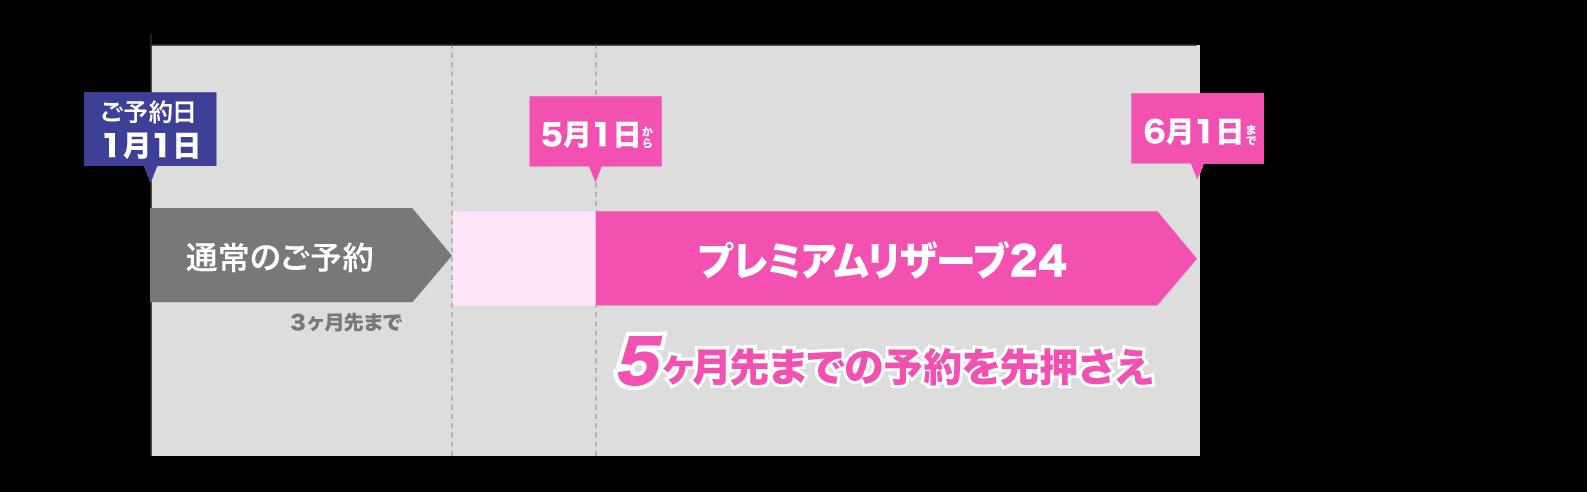 プレミアムリザーブ24 24万円